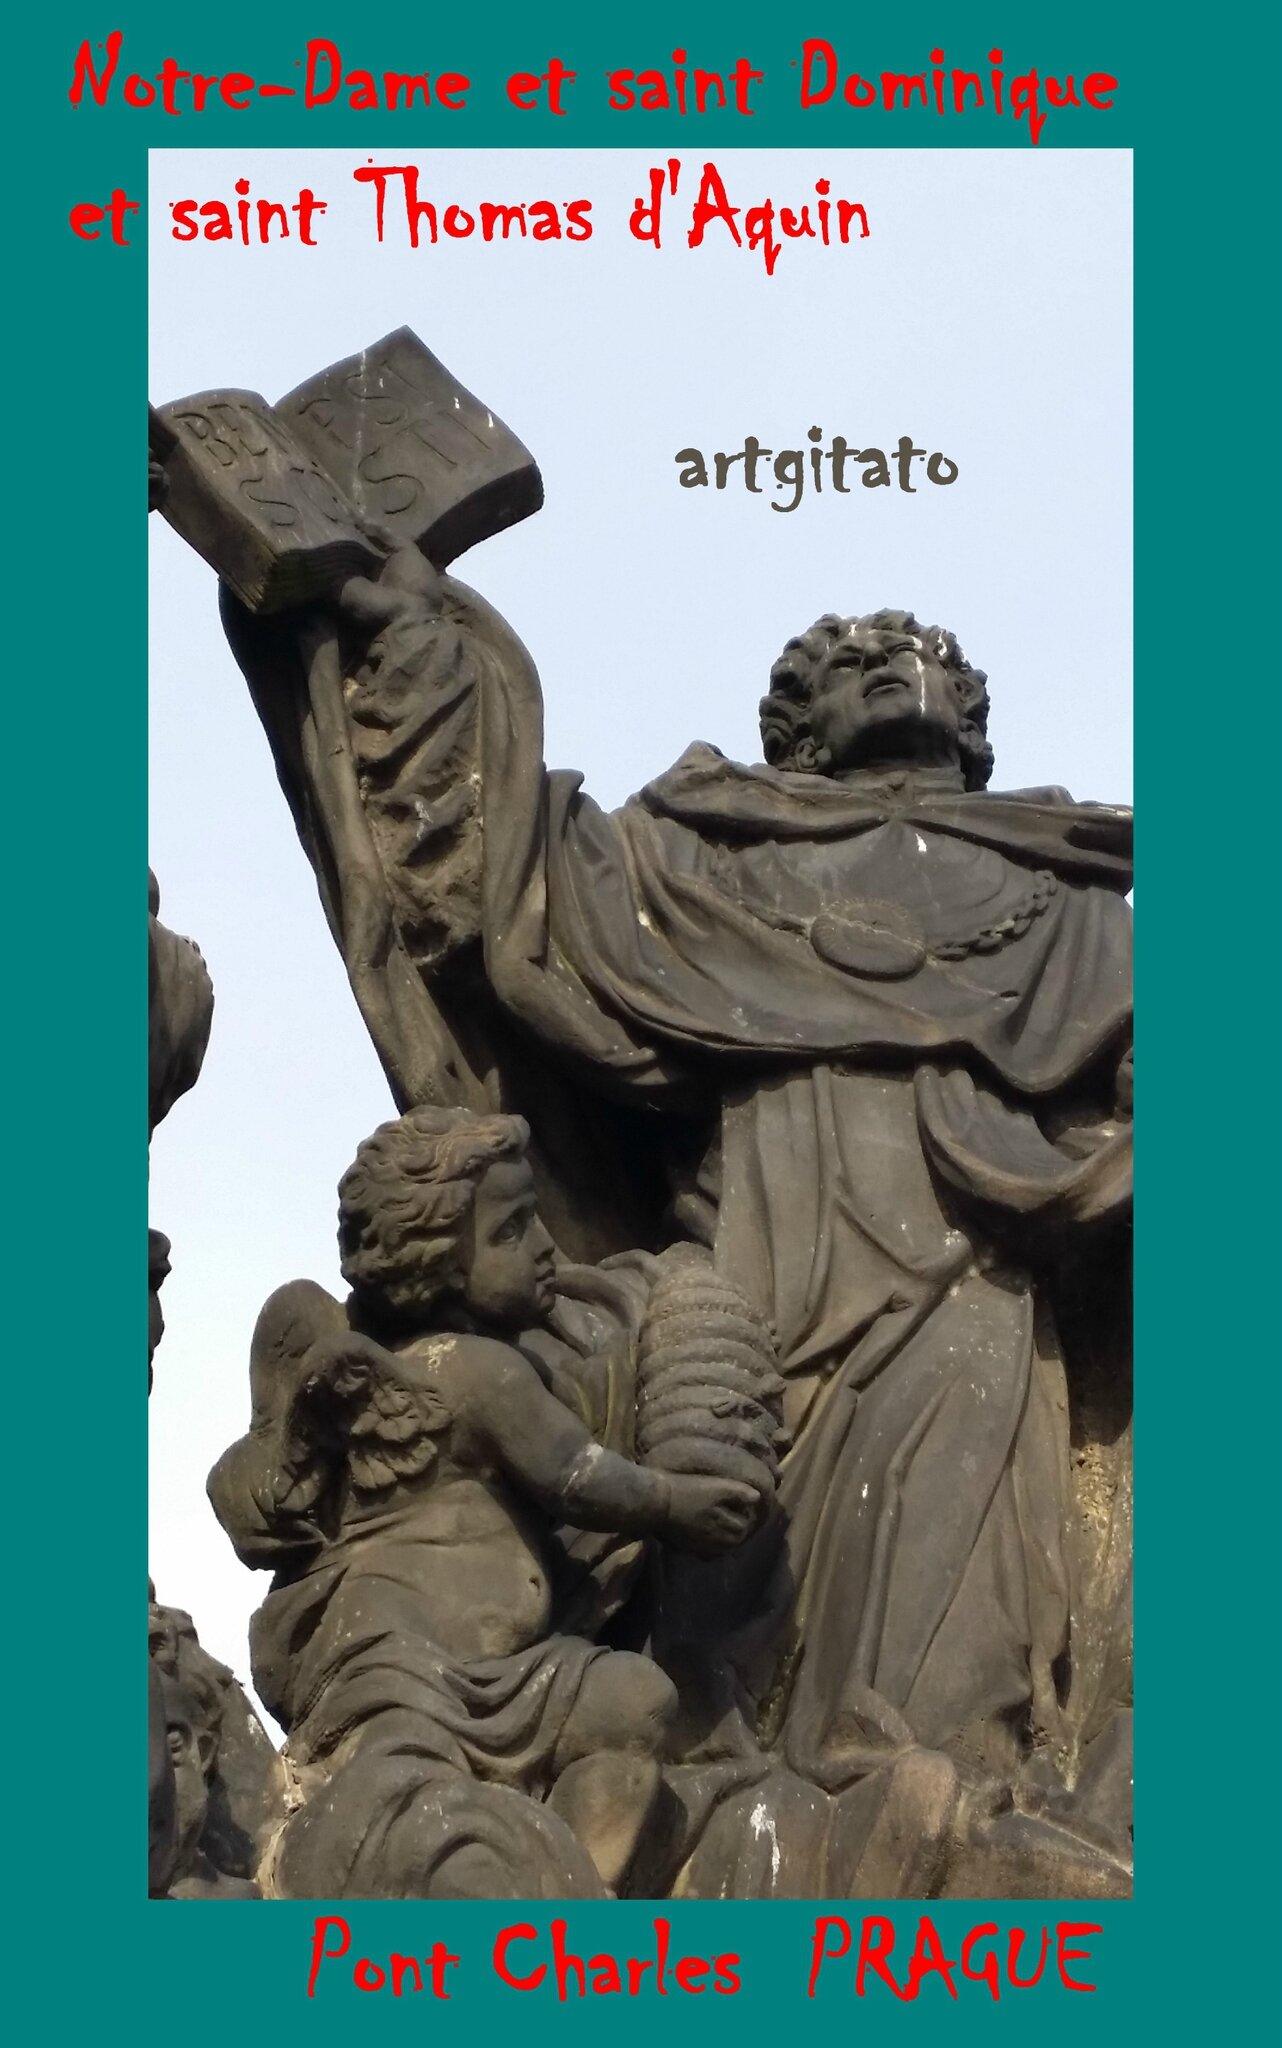 Pont Charles Notre-Dame et saint Dominique et saint Thomas d'Aquin Artgitato 4